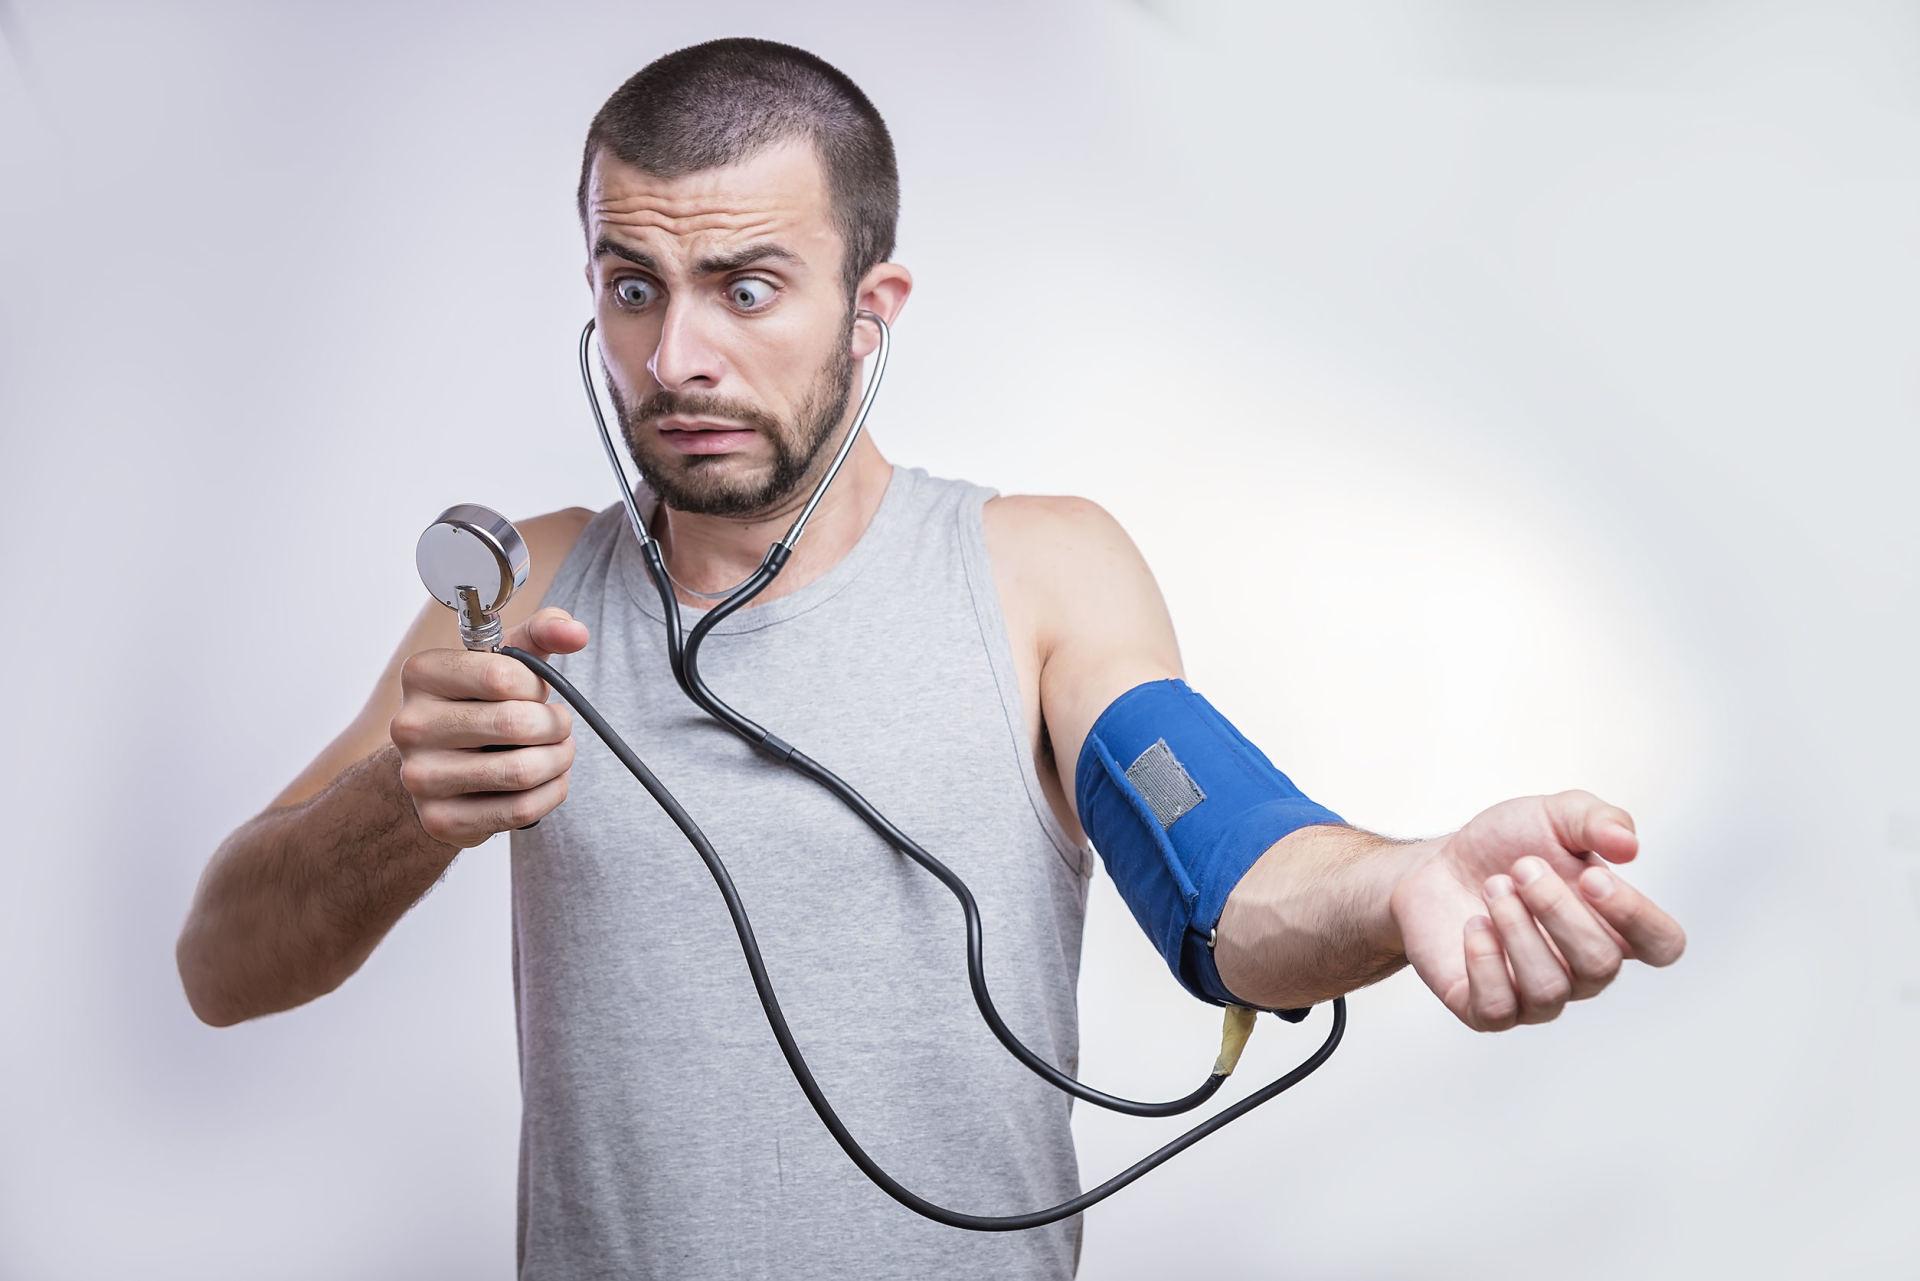 Tyliai žudantis aukštas kraujospūdis: 6 požymiai, kuriuos turėtumėte žinoti